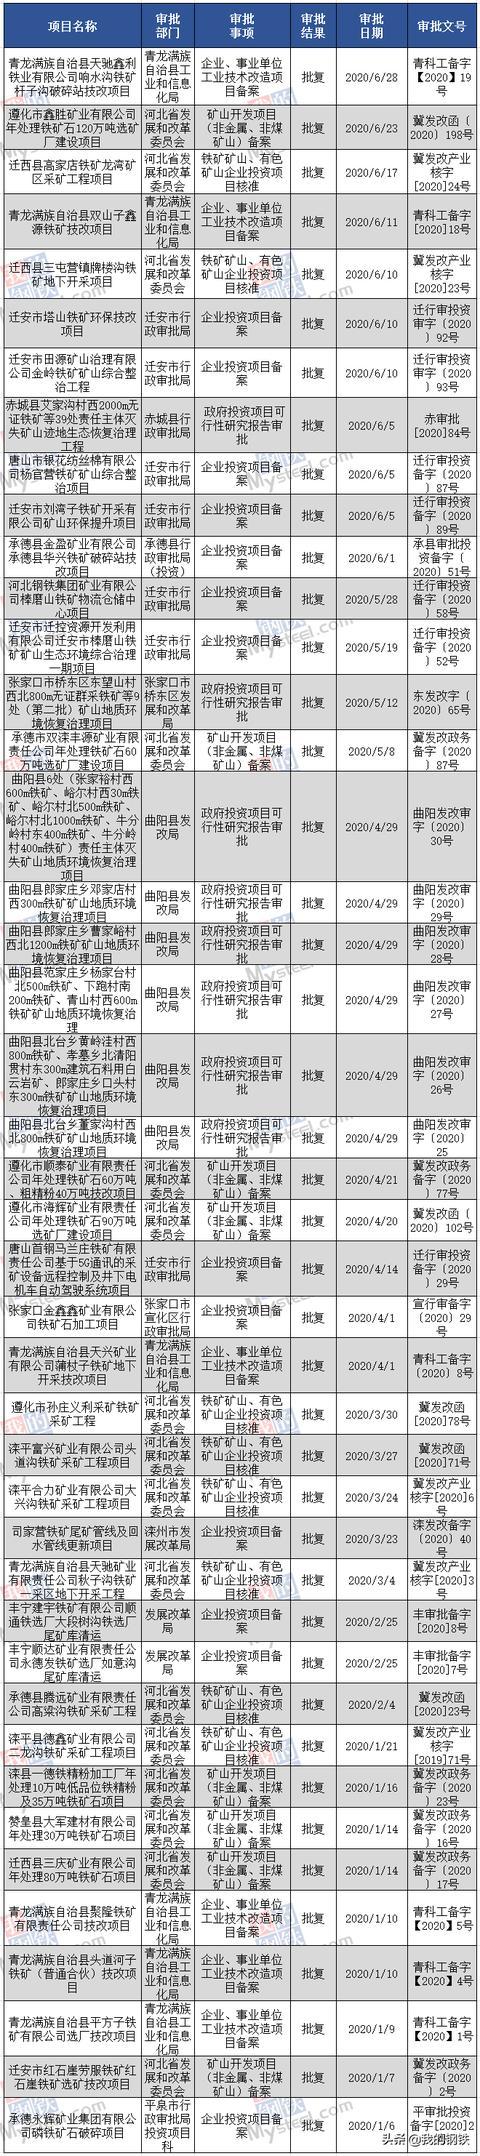 盘点丨2020年上半年河北省43个铁矿石项目获批